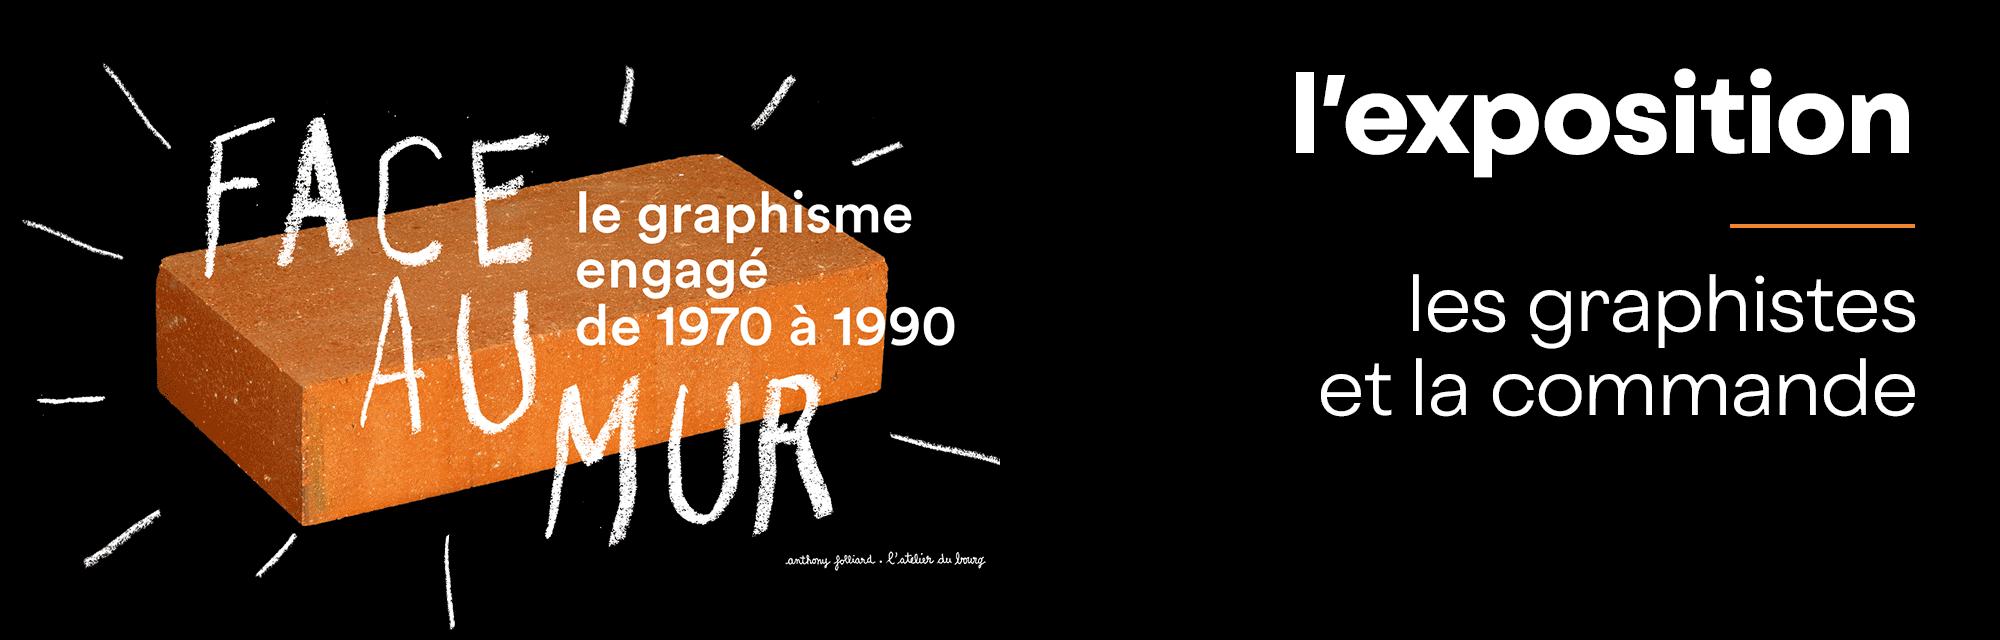 Exposition - Les graphistes et la commande